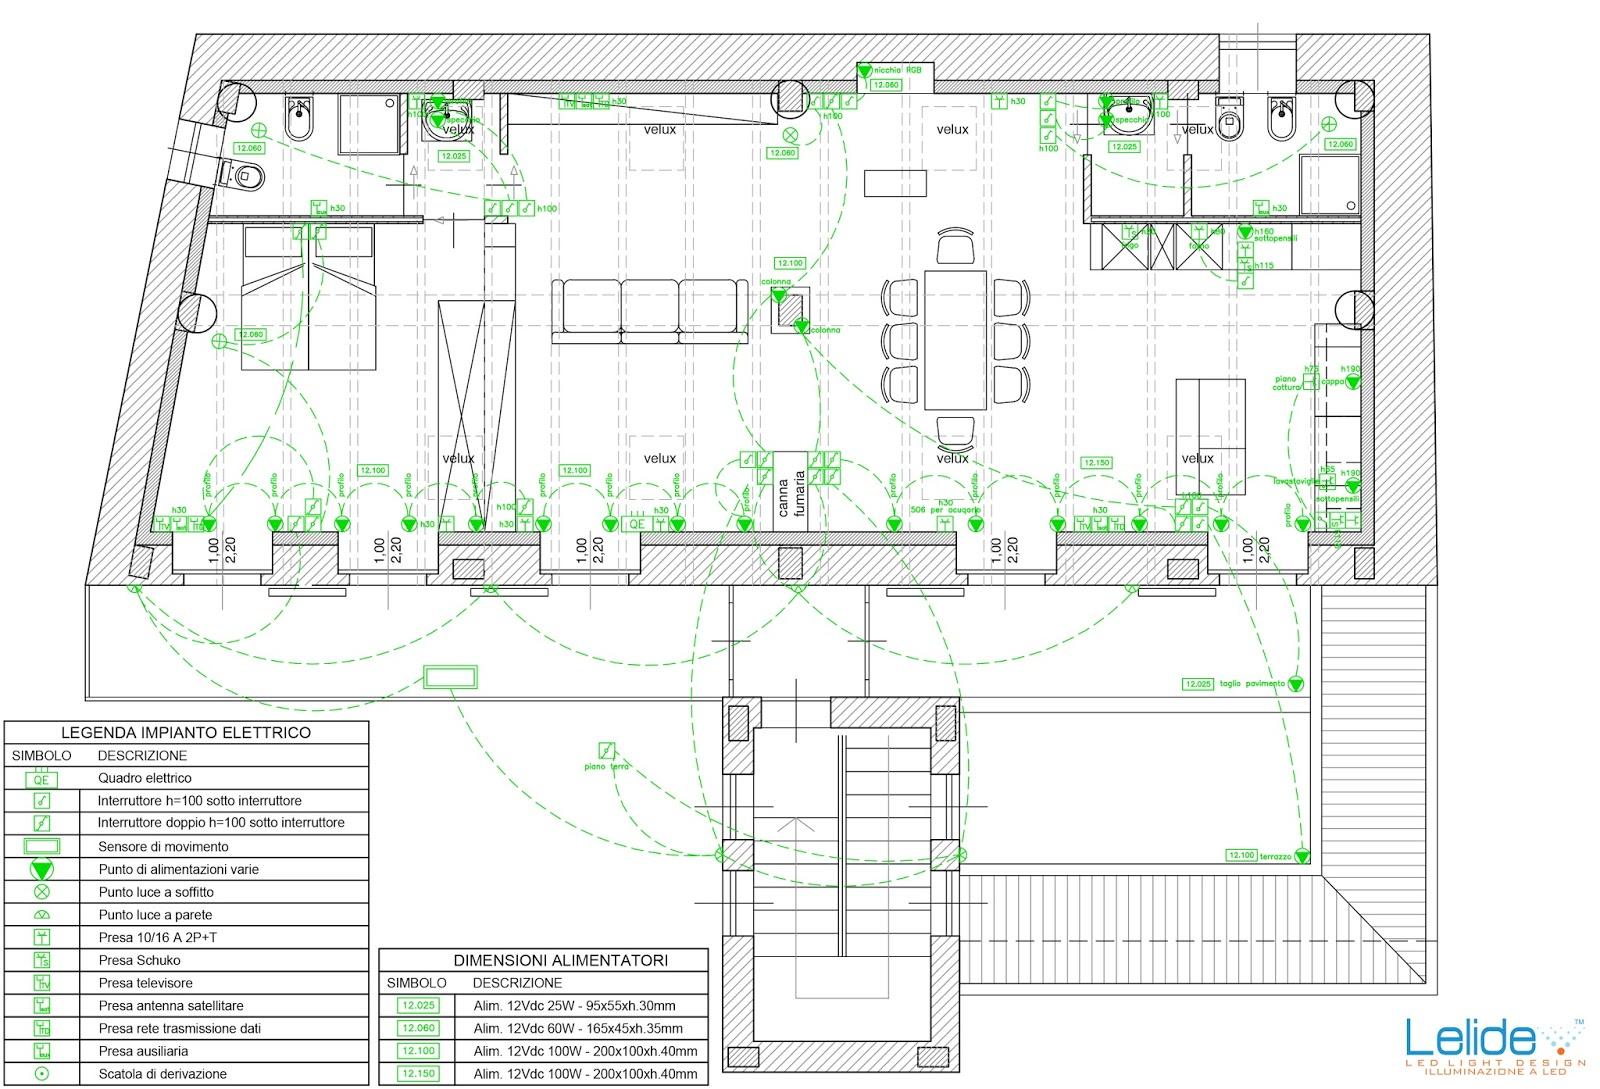 Illuminazione led casa il progetto illuminotecnico - Impianto elettrico casa ...